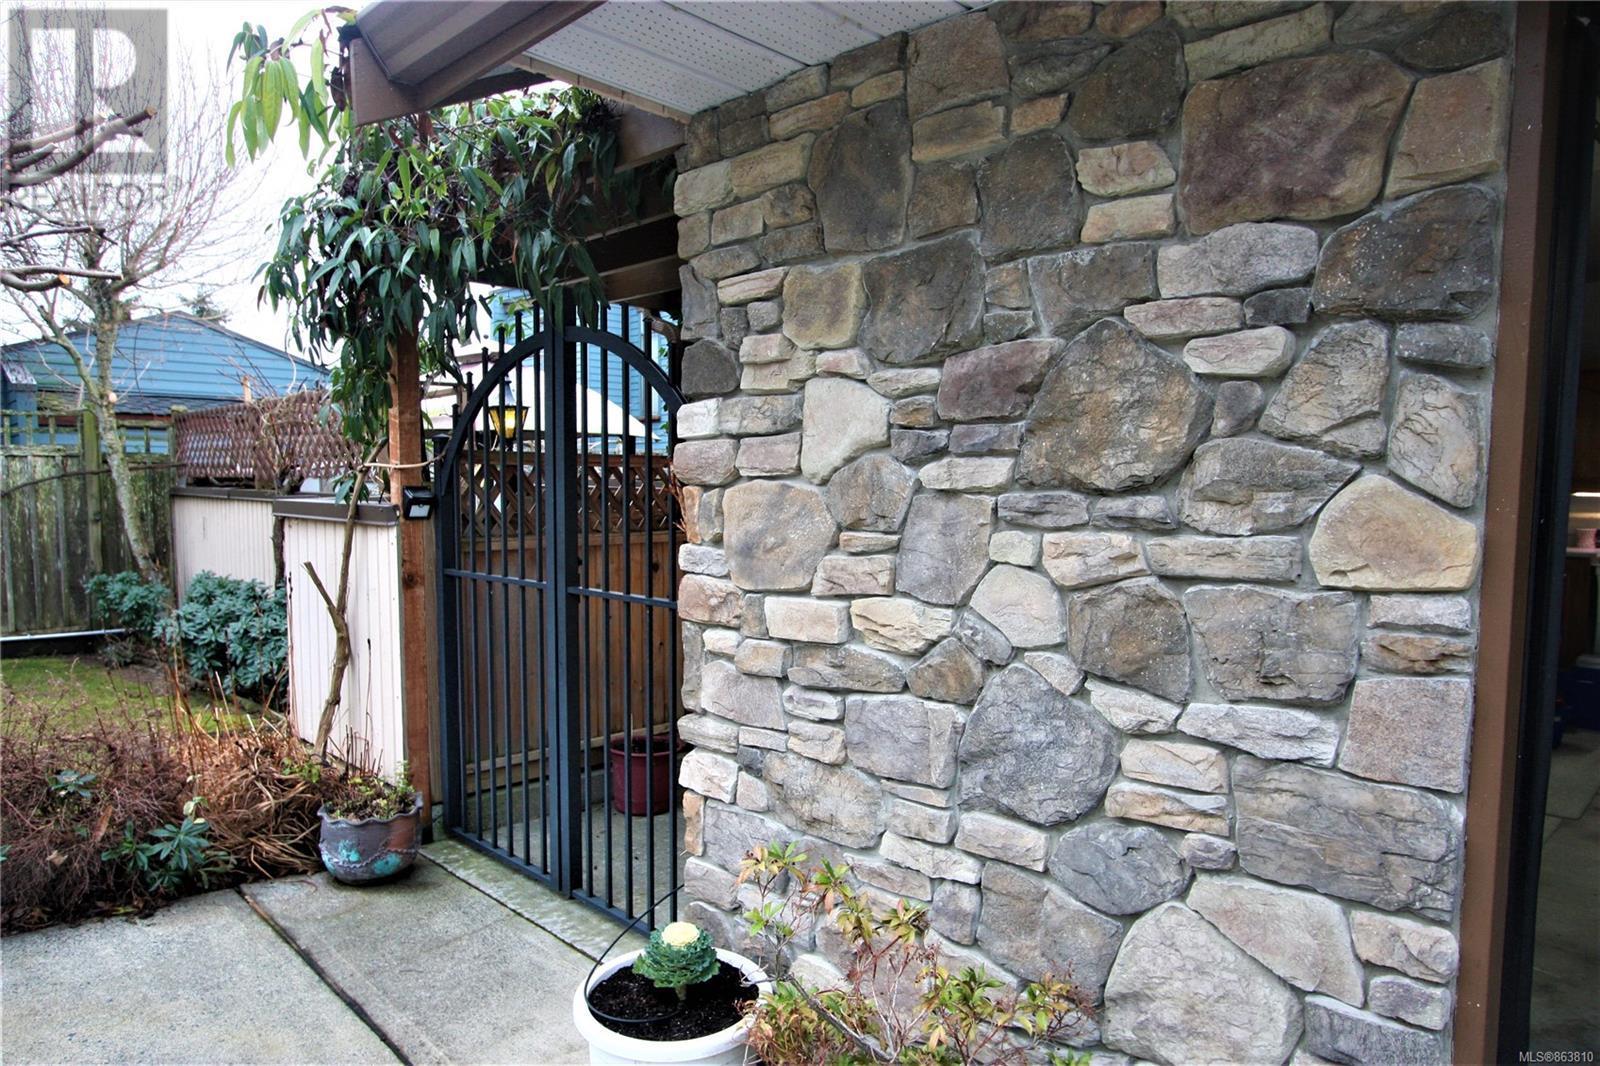 4942 Fillinger Cres, Nanaimo, British Columbia  V9V 1H9 - Photo 15 - 863810